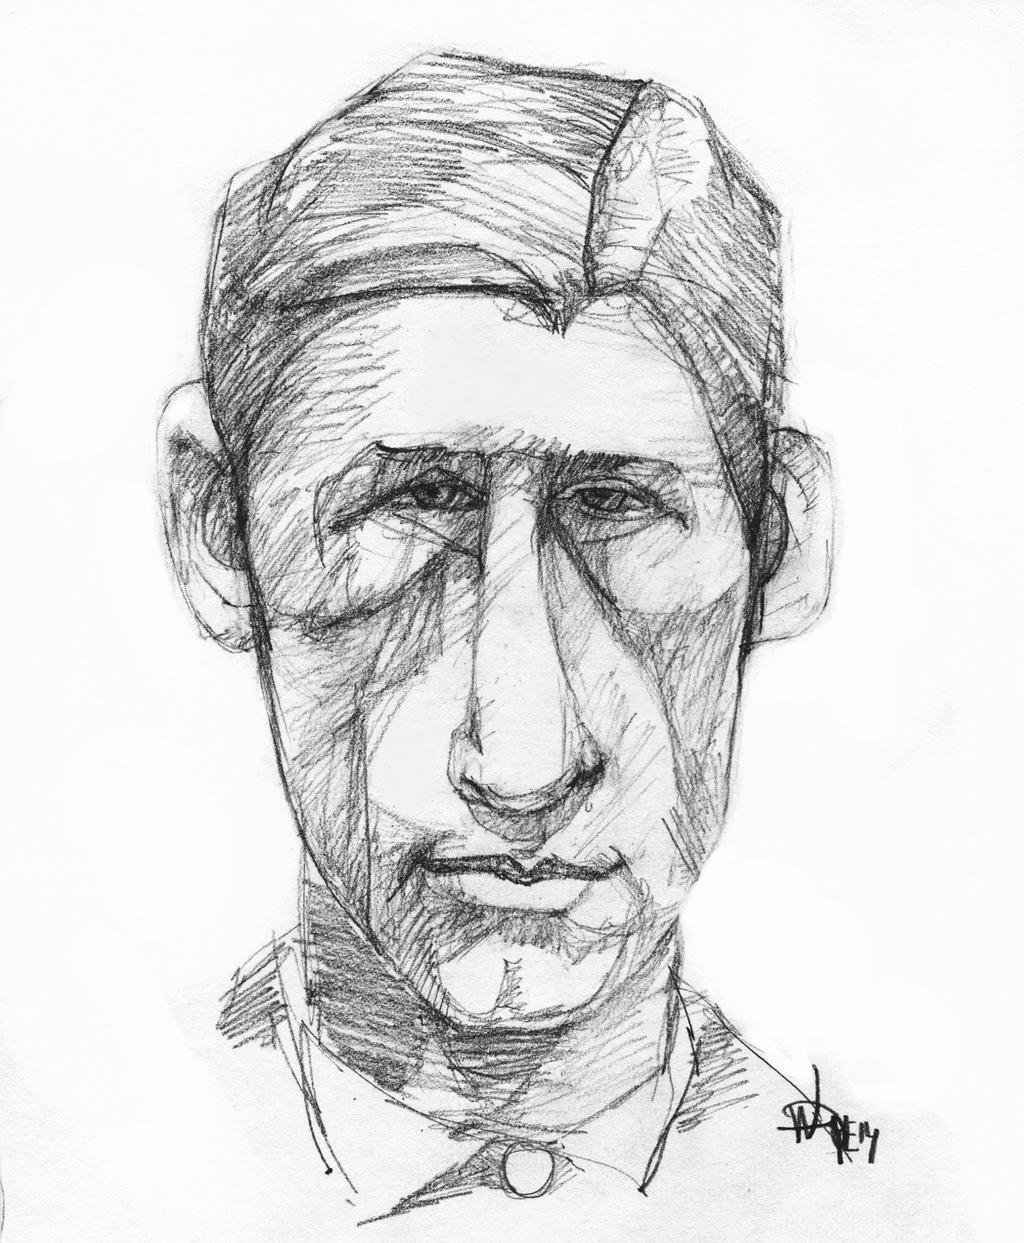 A Good Man by LevonHackensaw